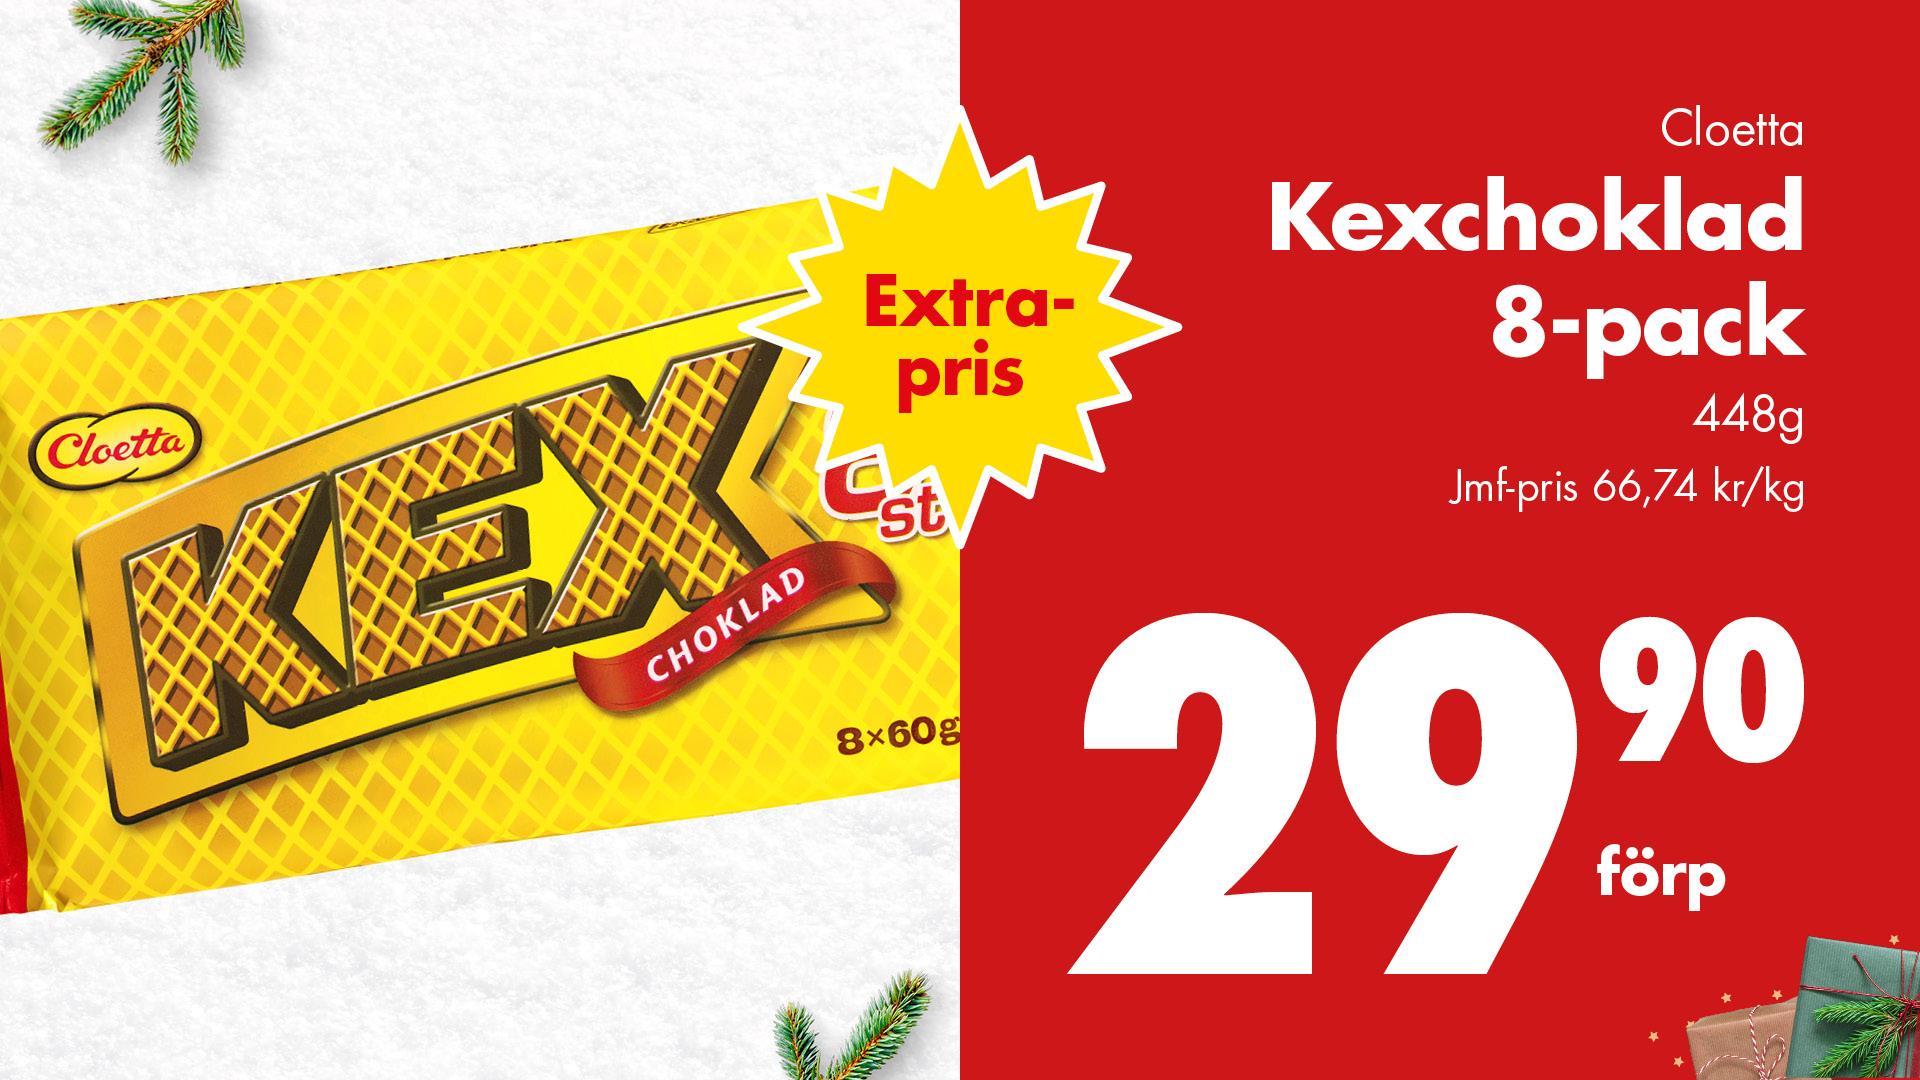 v46-47_1920x1080px_kexchoklad